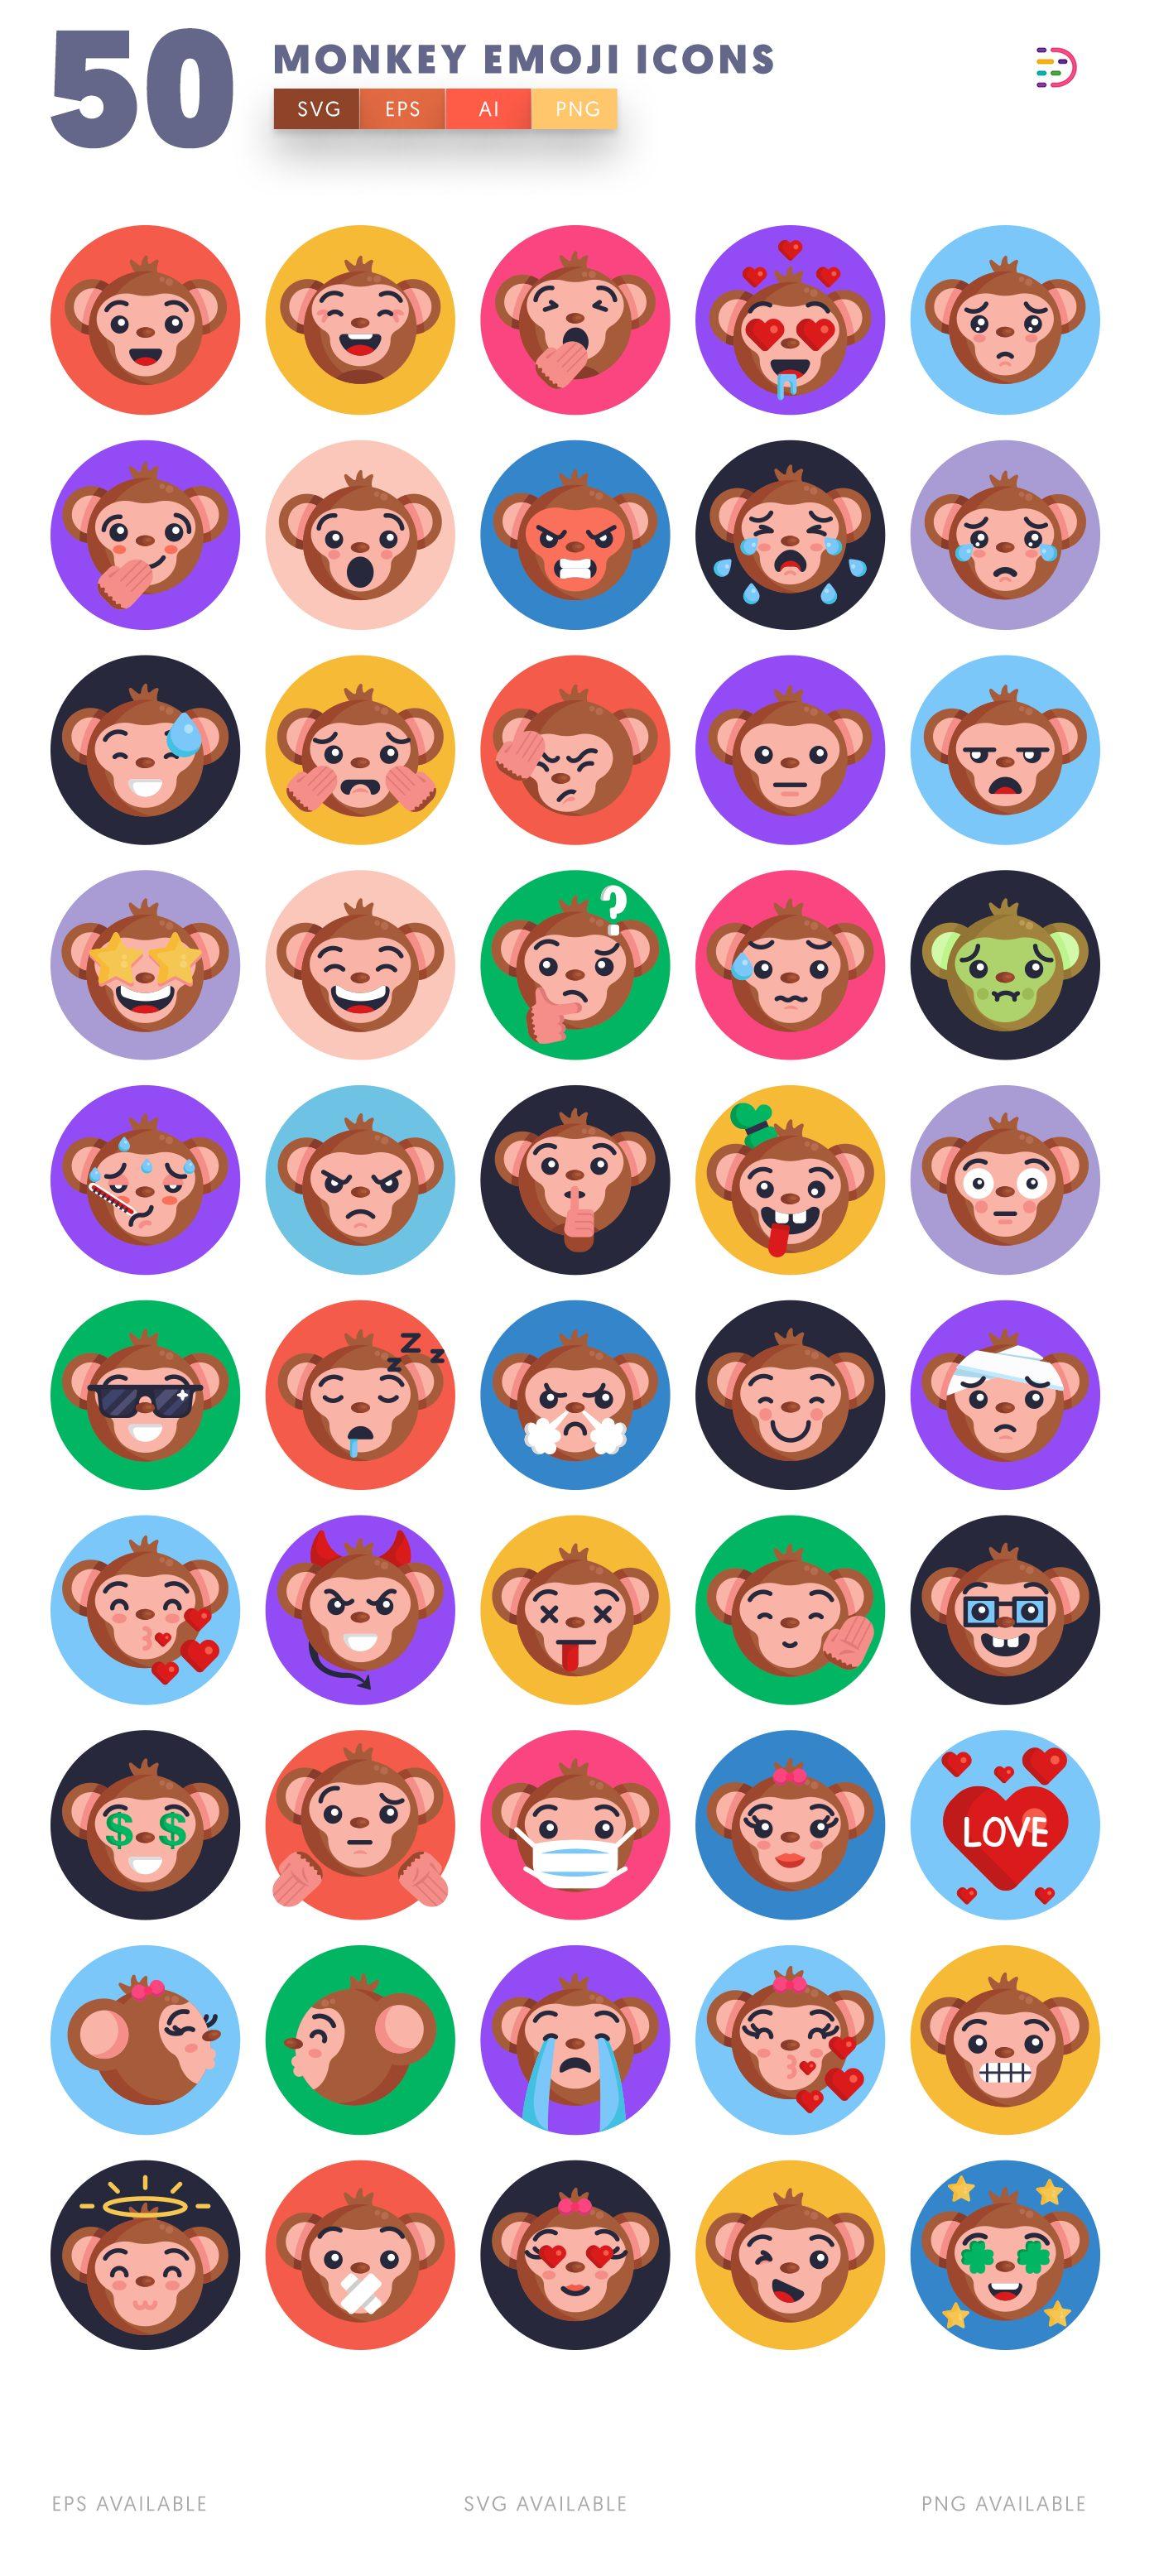 Monkey Emoji icon pack